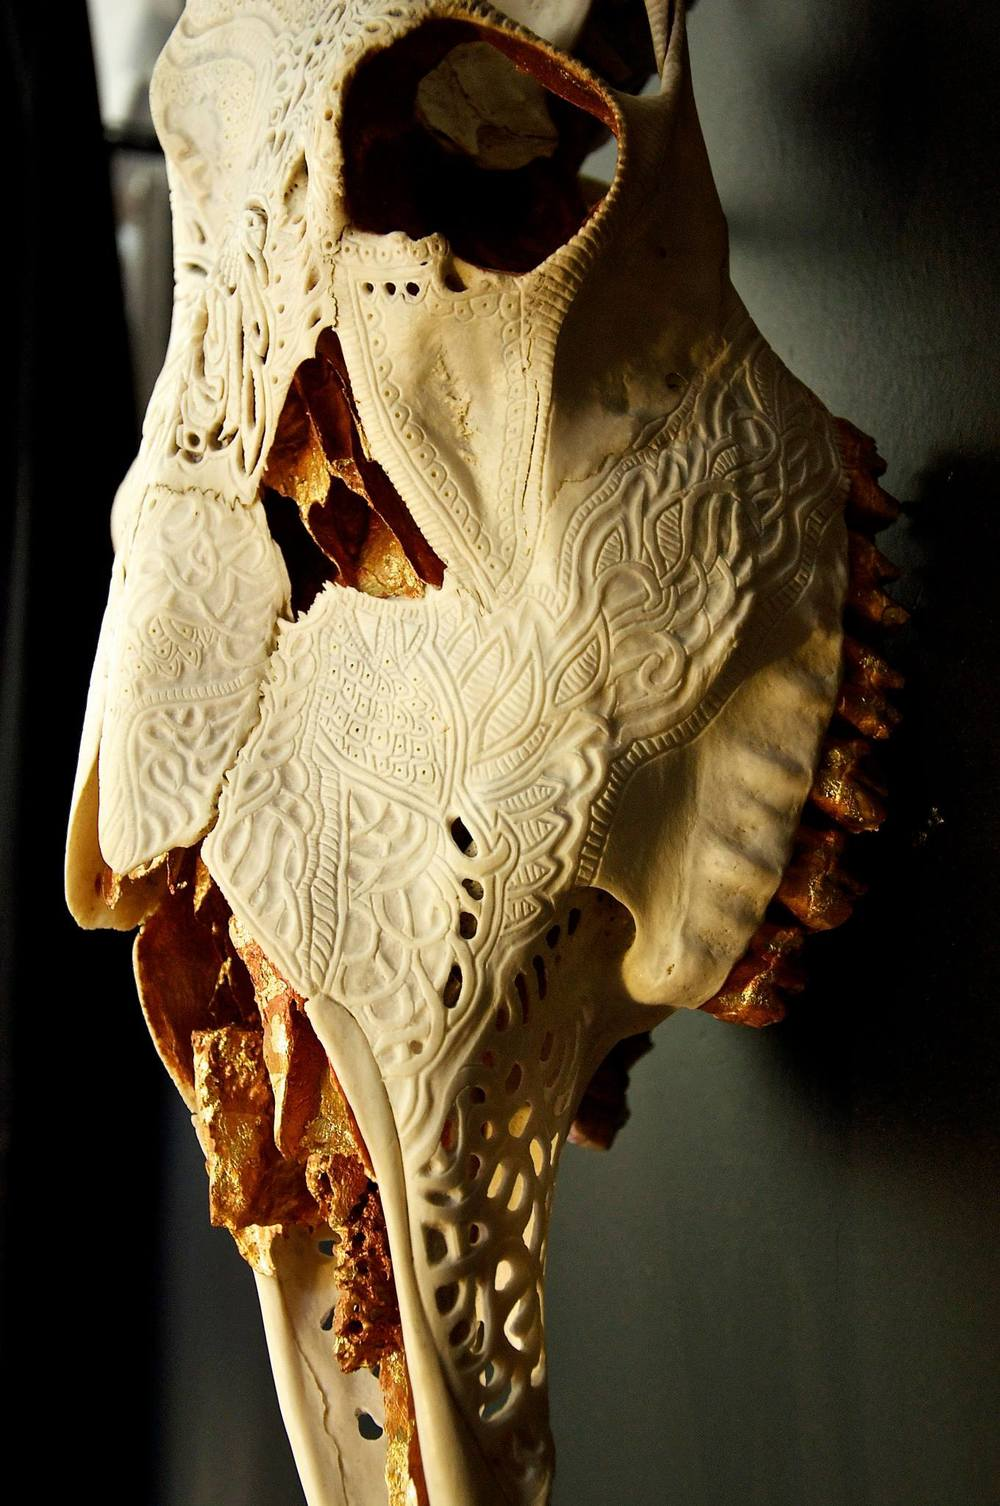 petra-shara-stoor-skull-art-duilith-2.jpg